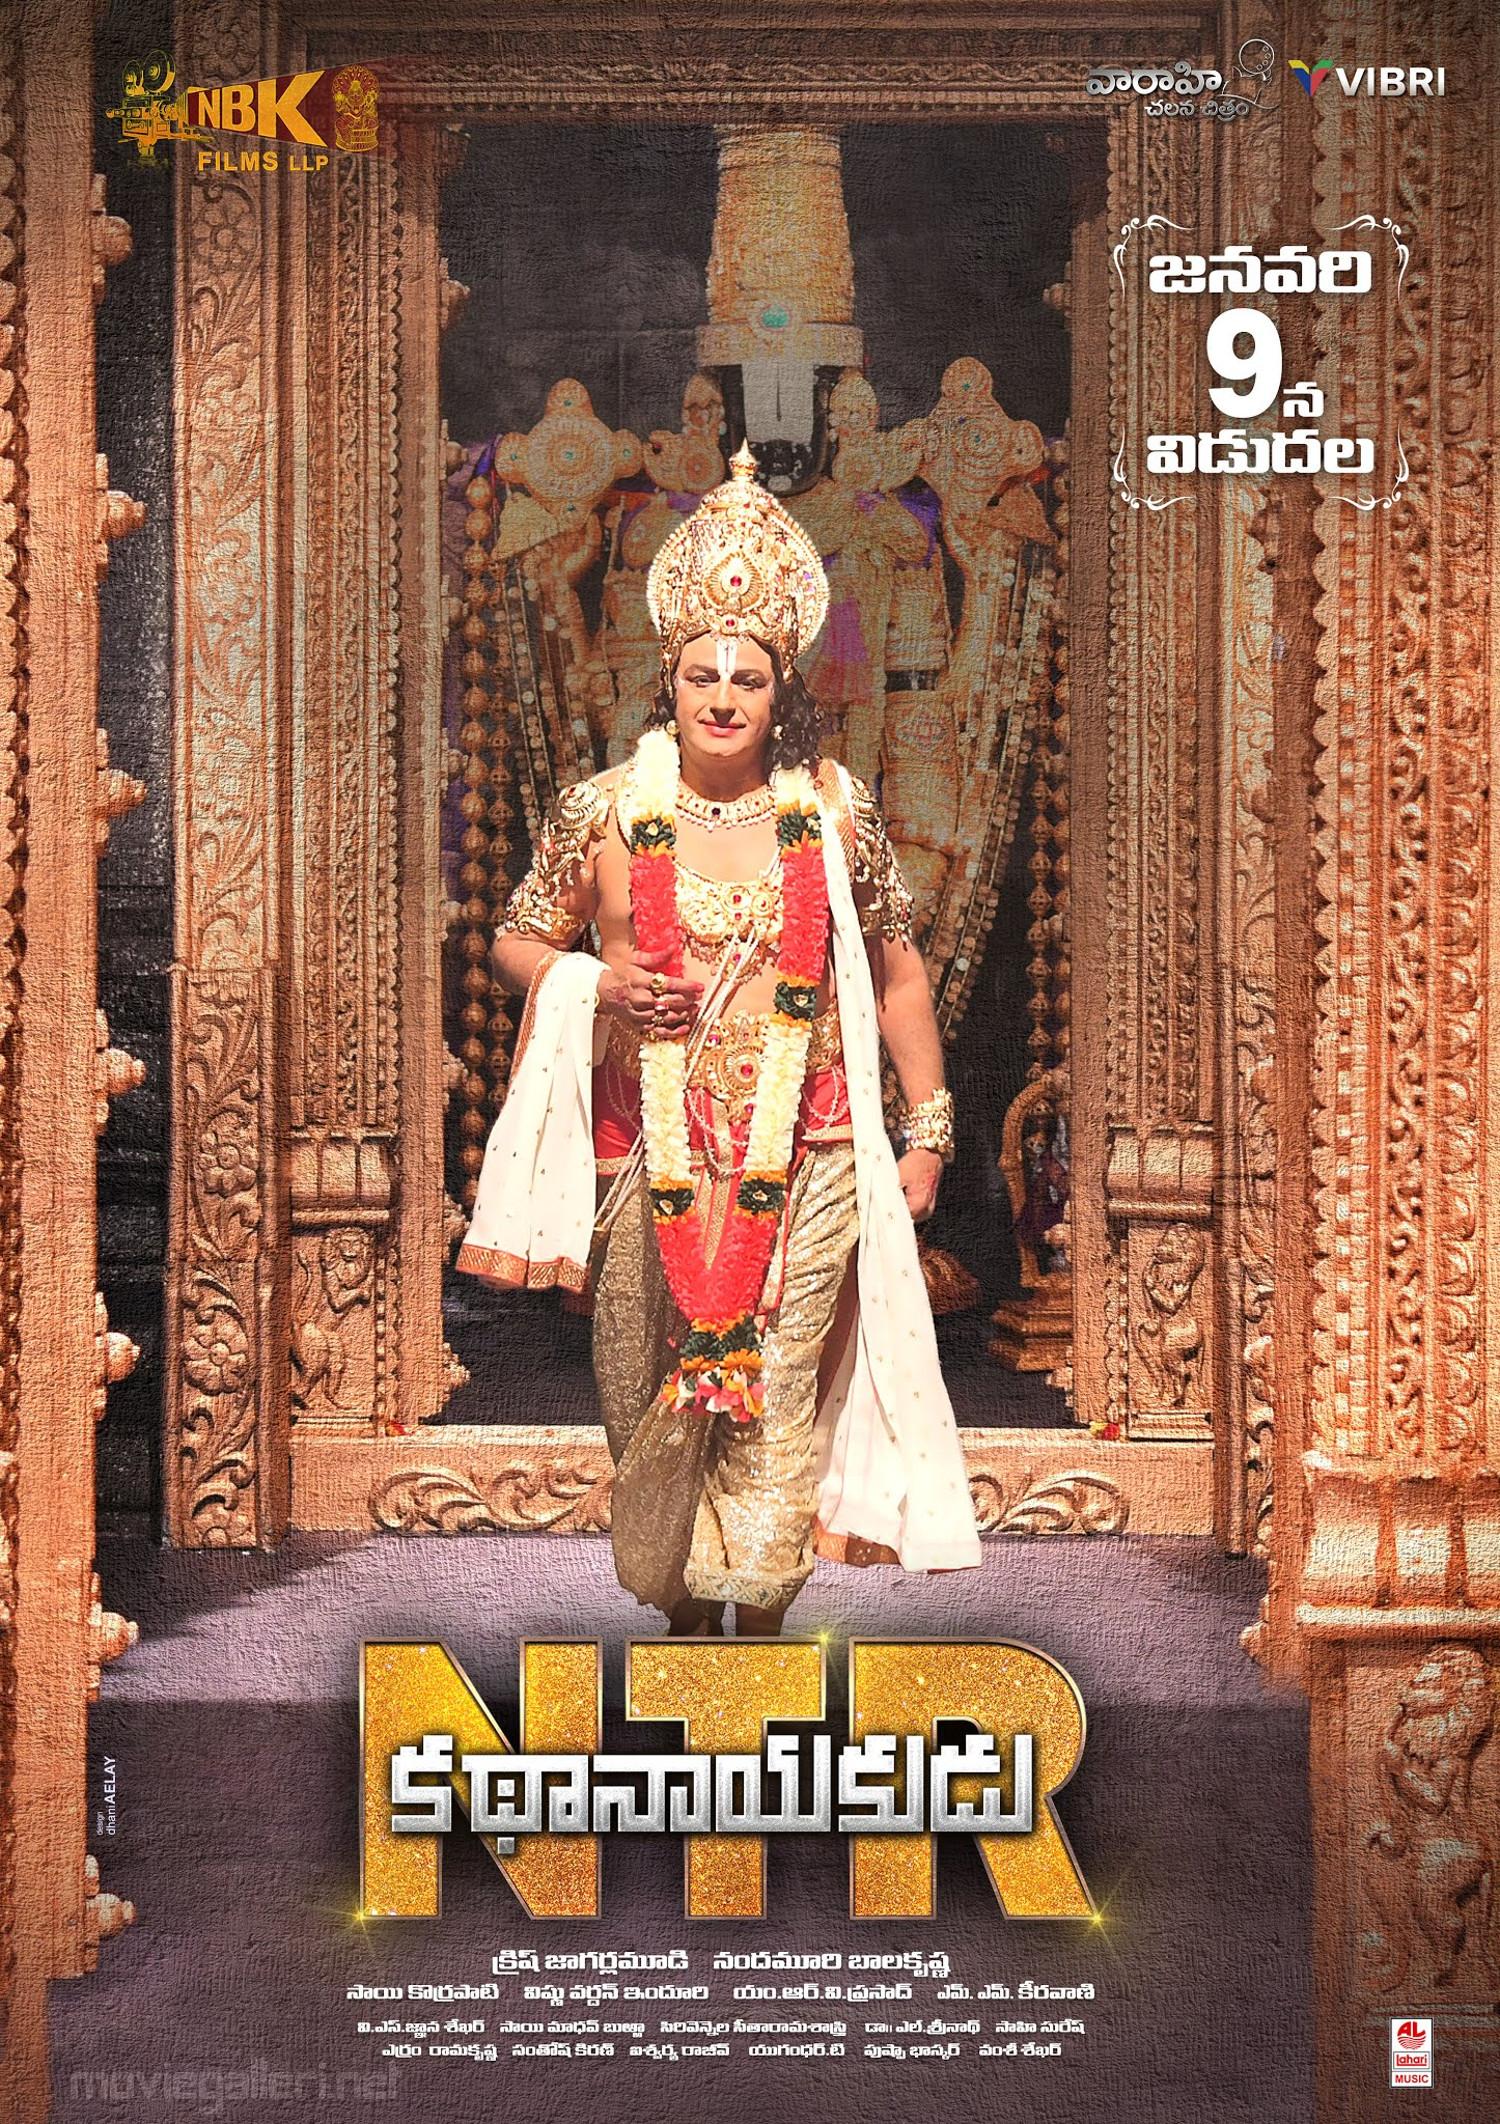 Nandamuri Balakrishna as Lord Venkateshwara from NTR KathaNayakudu Movie Poster HD